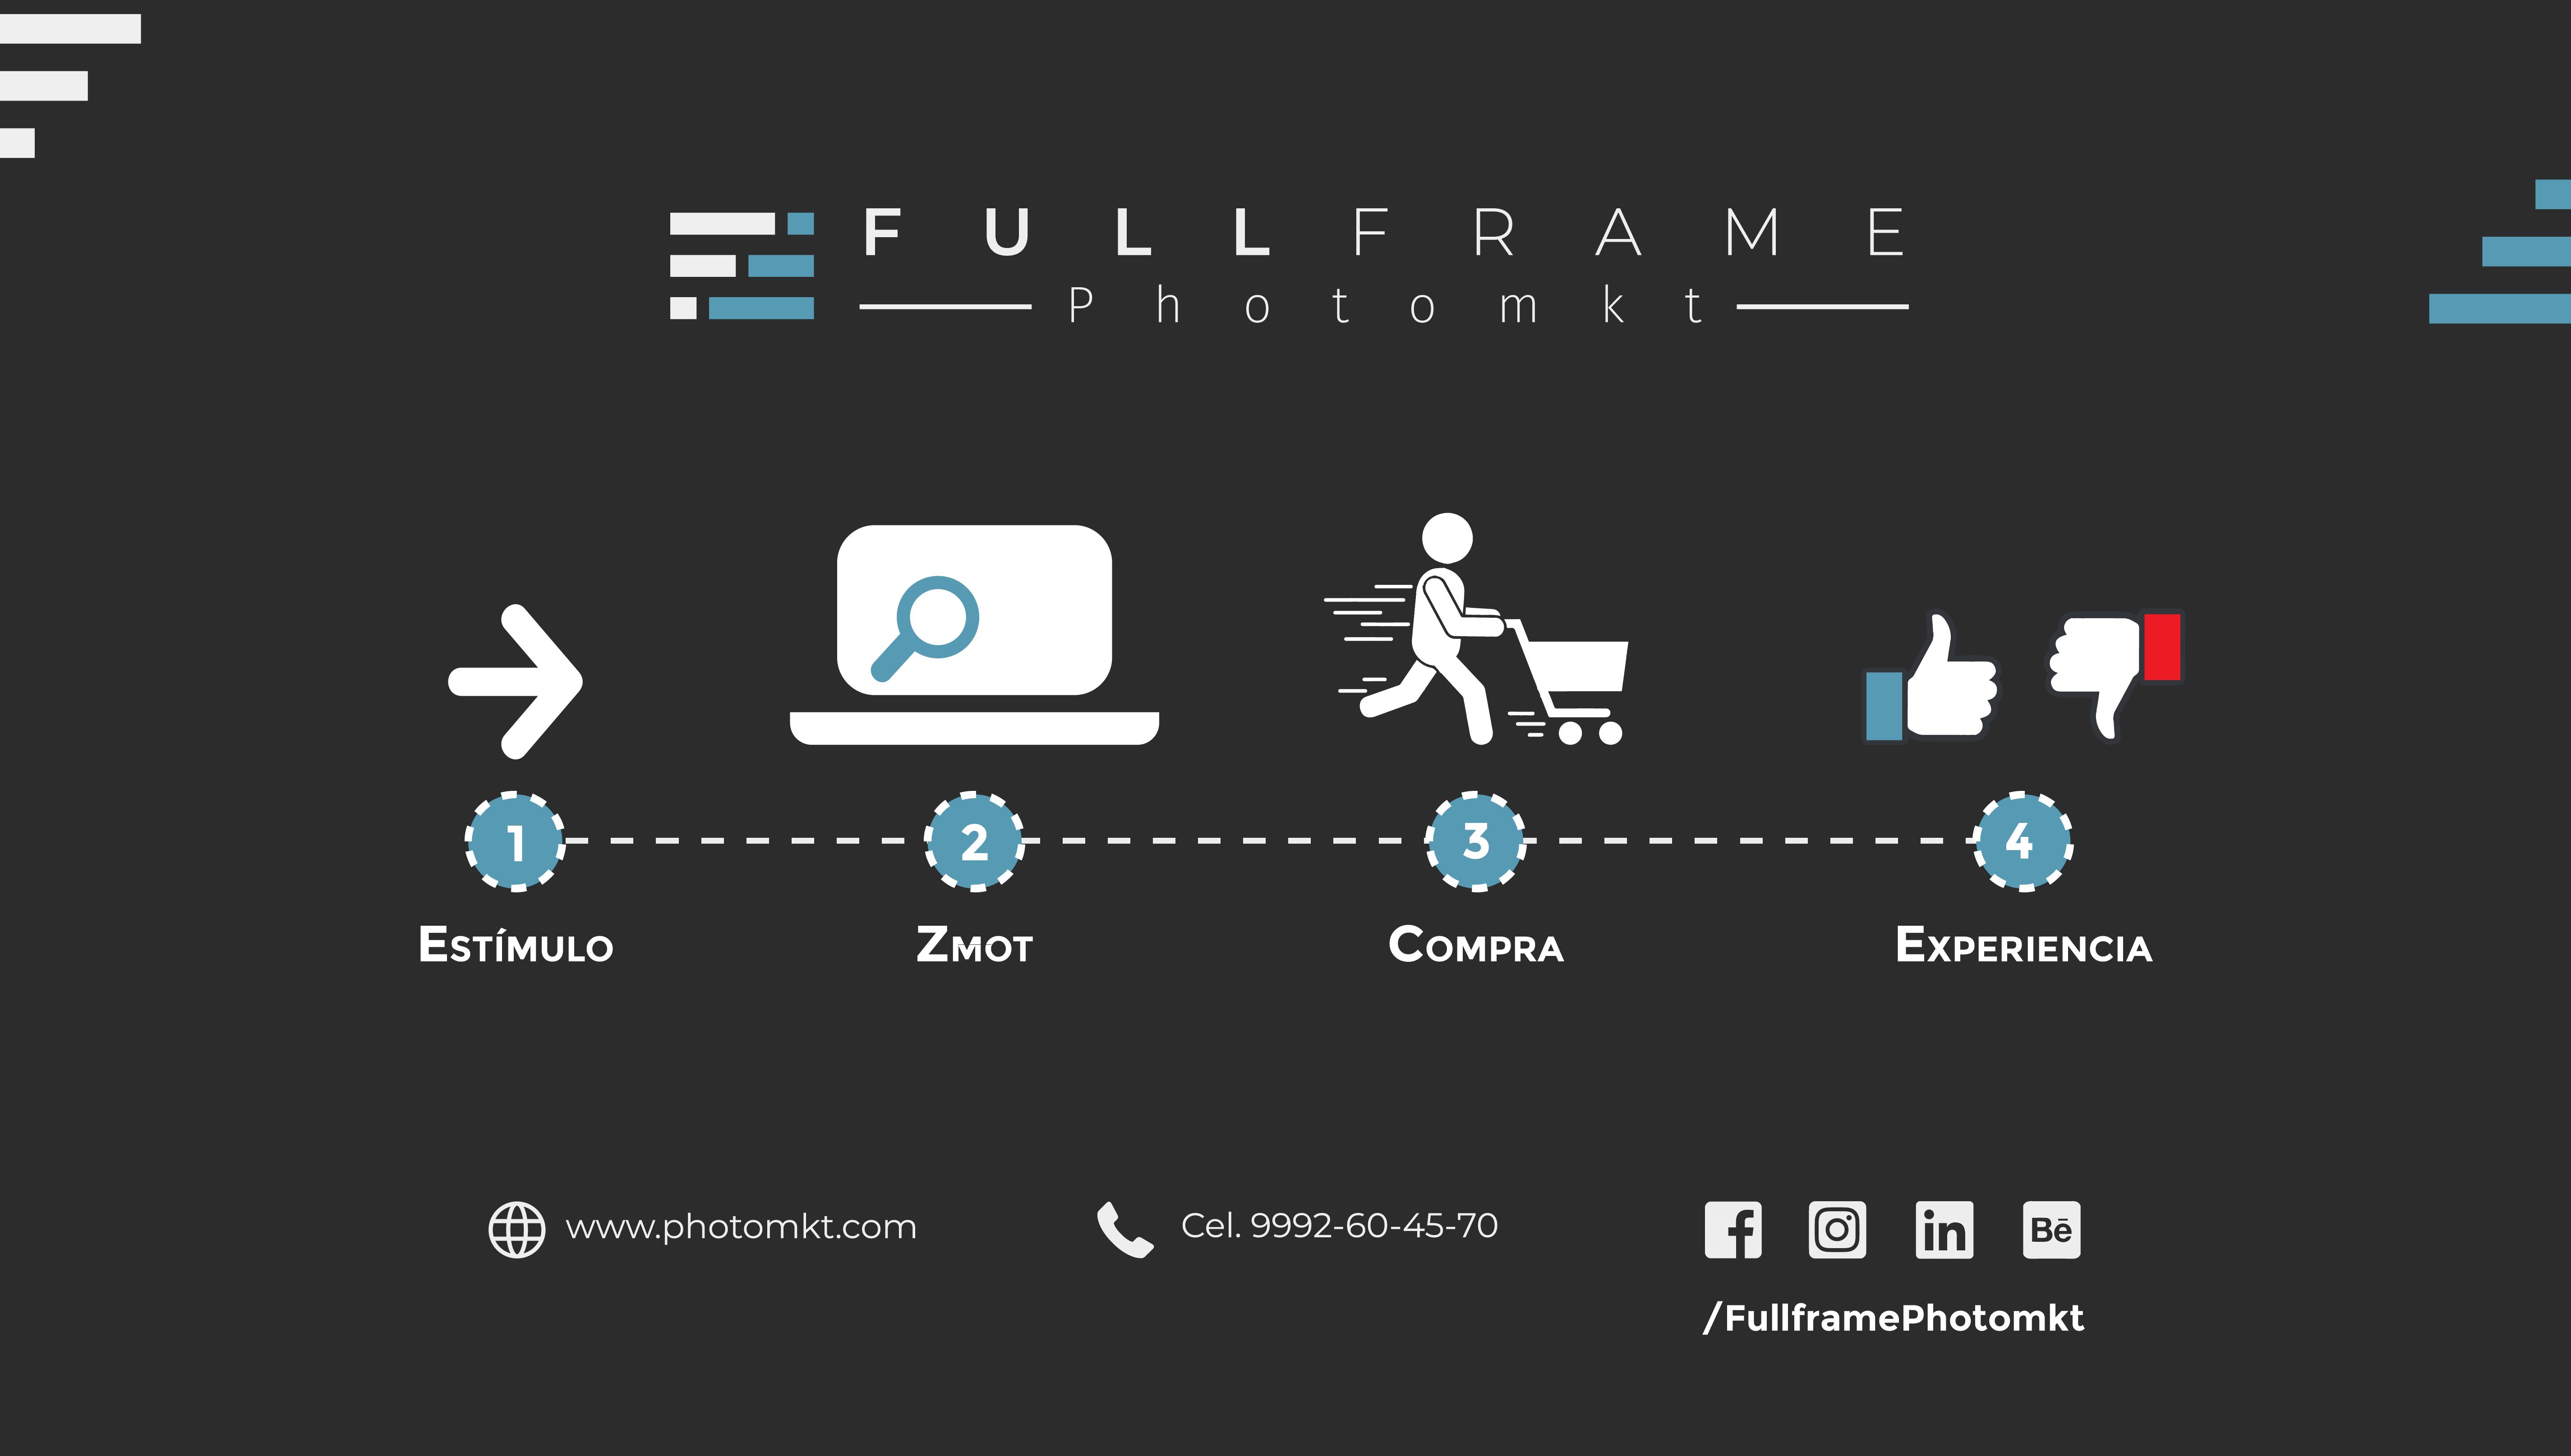 blog-momento-cero-de-la-verdad-fullframe